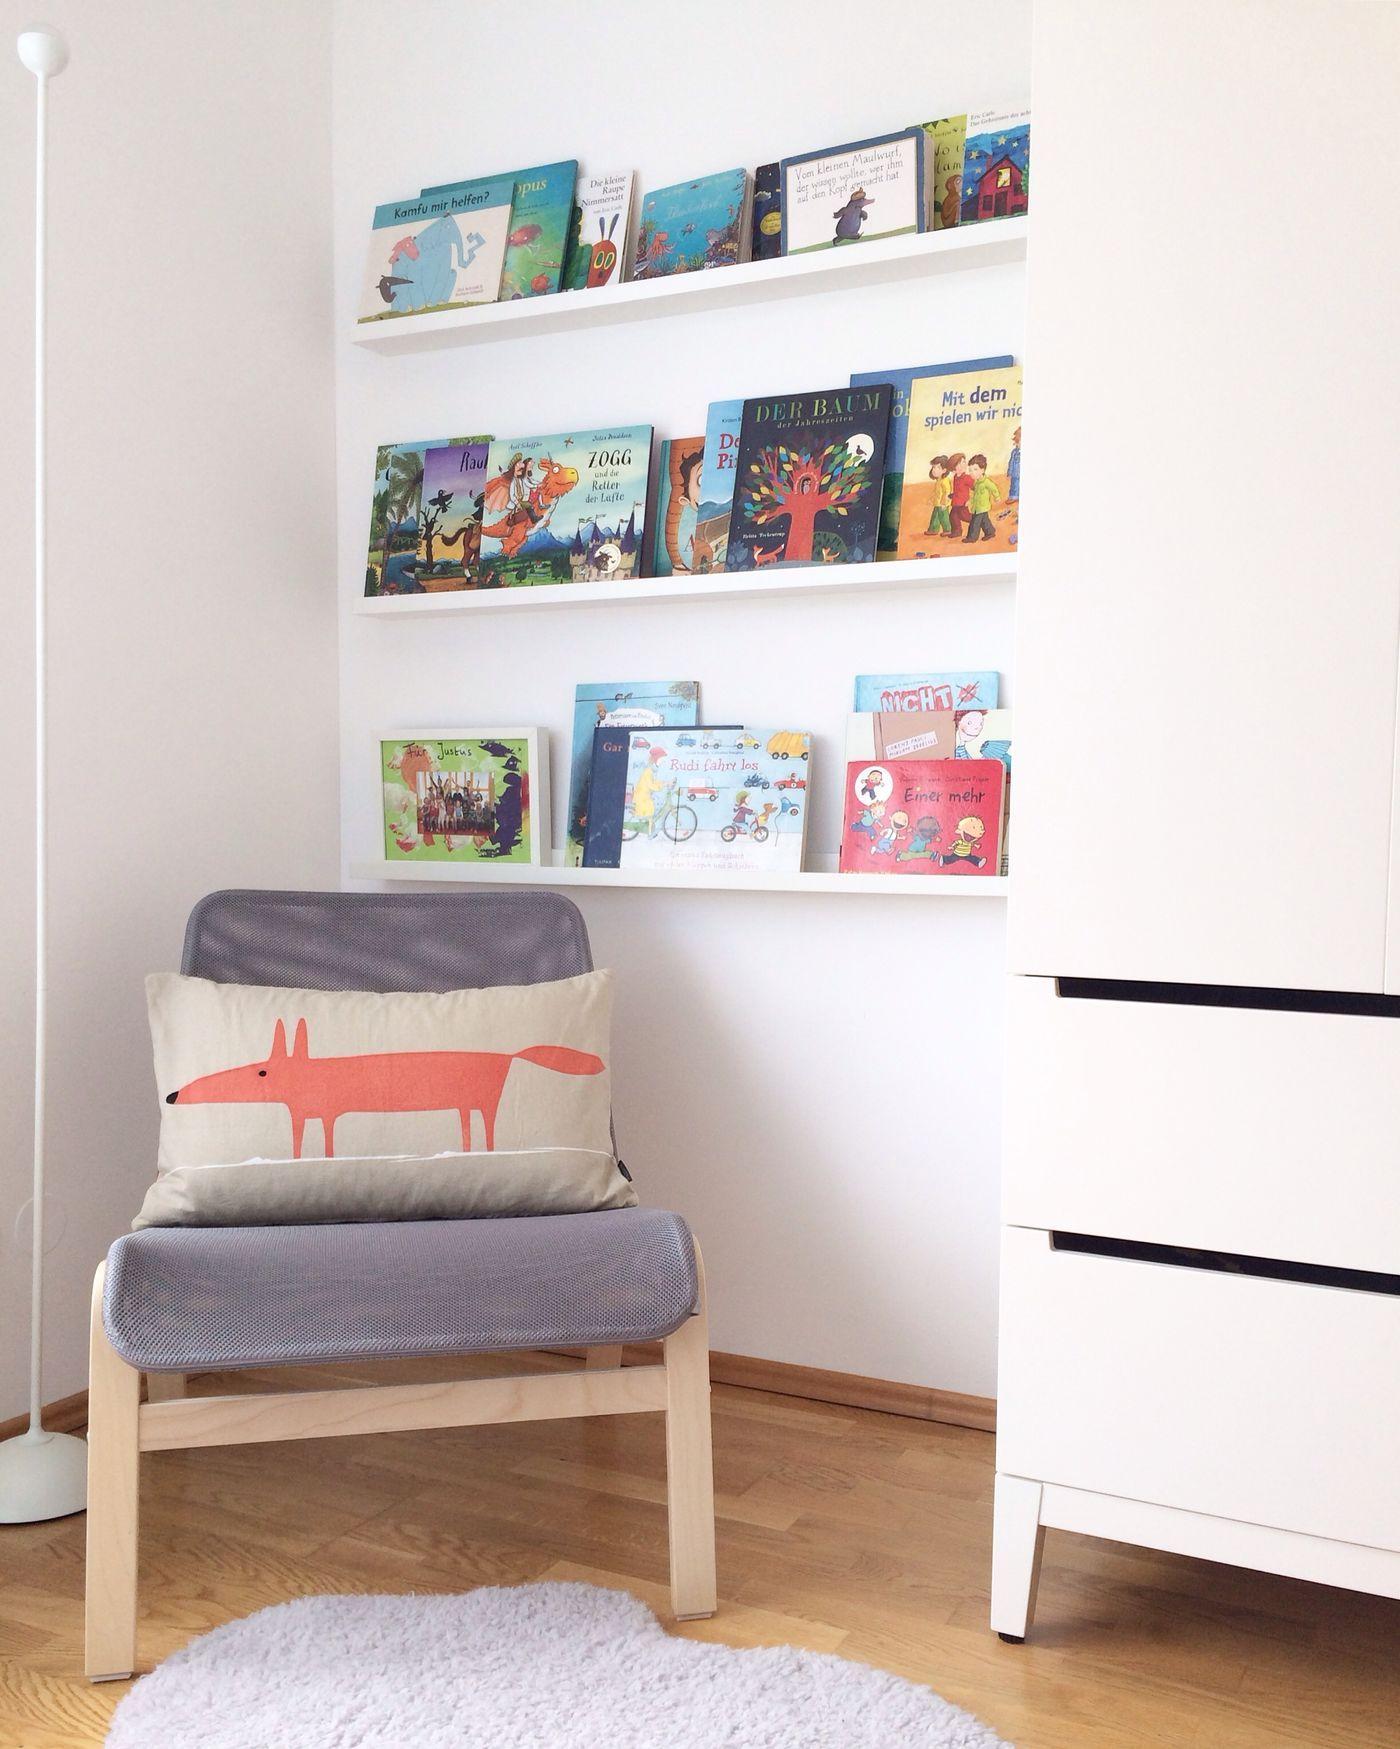 7 Ideen Die Dein Wohnzimmer Gemütlicher Machen: Die Schönsten Ideen Für Dein Kinderzimmer